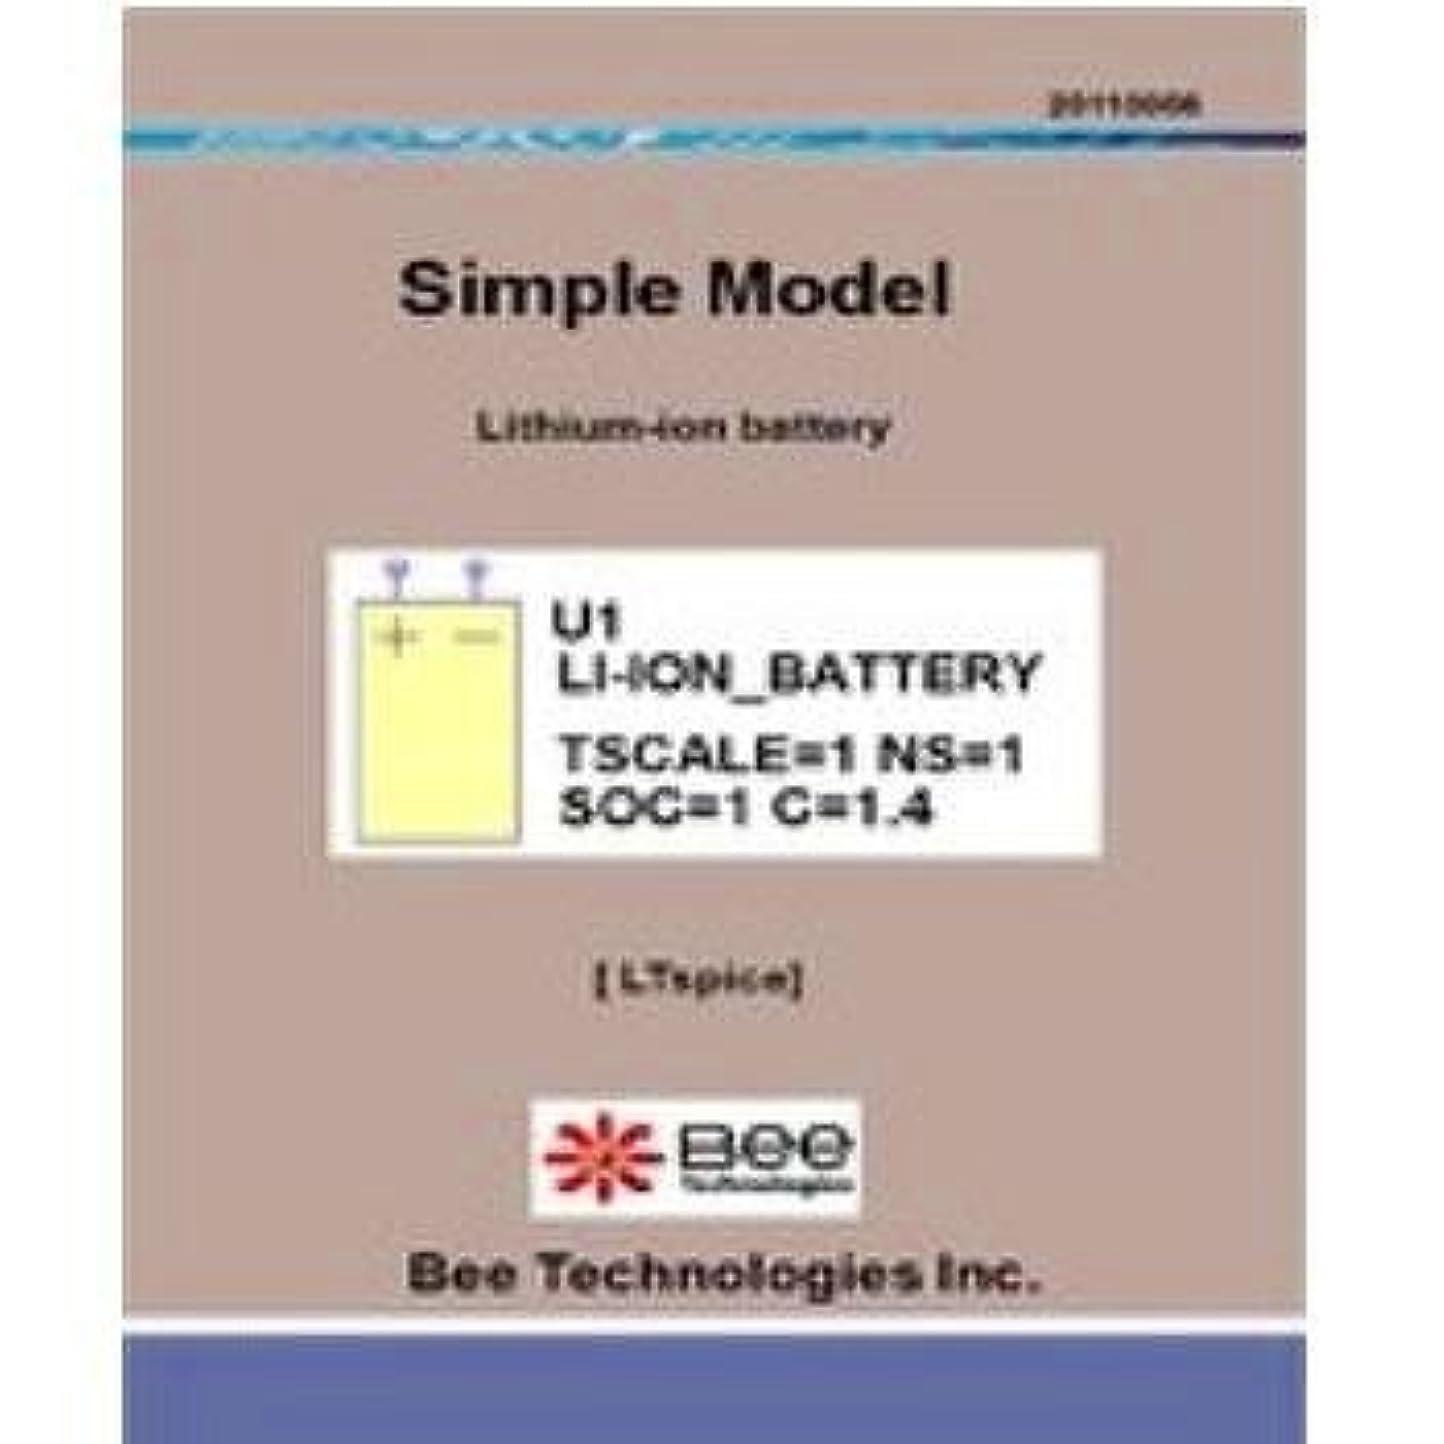 格納グレー暗記するBee Technologies リチウムイオン電池モデル LTspice版 【SM-014】